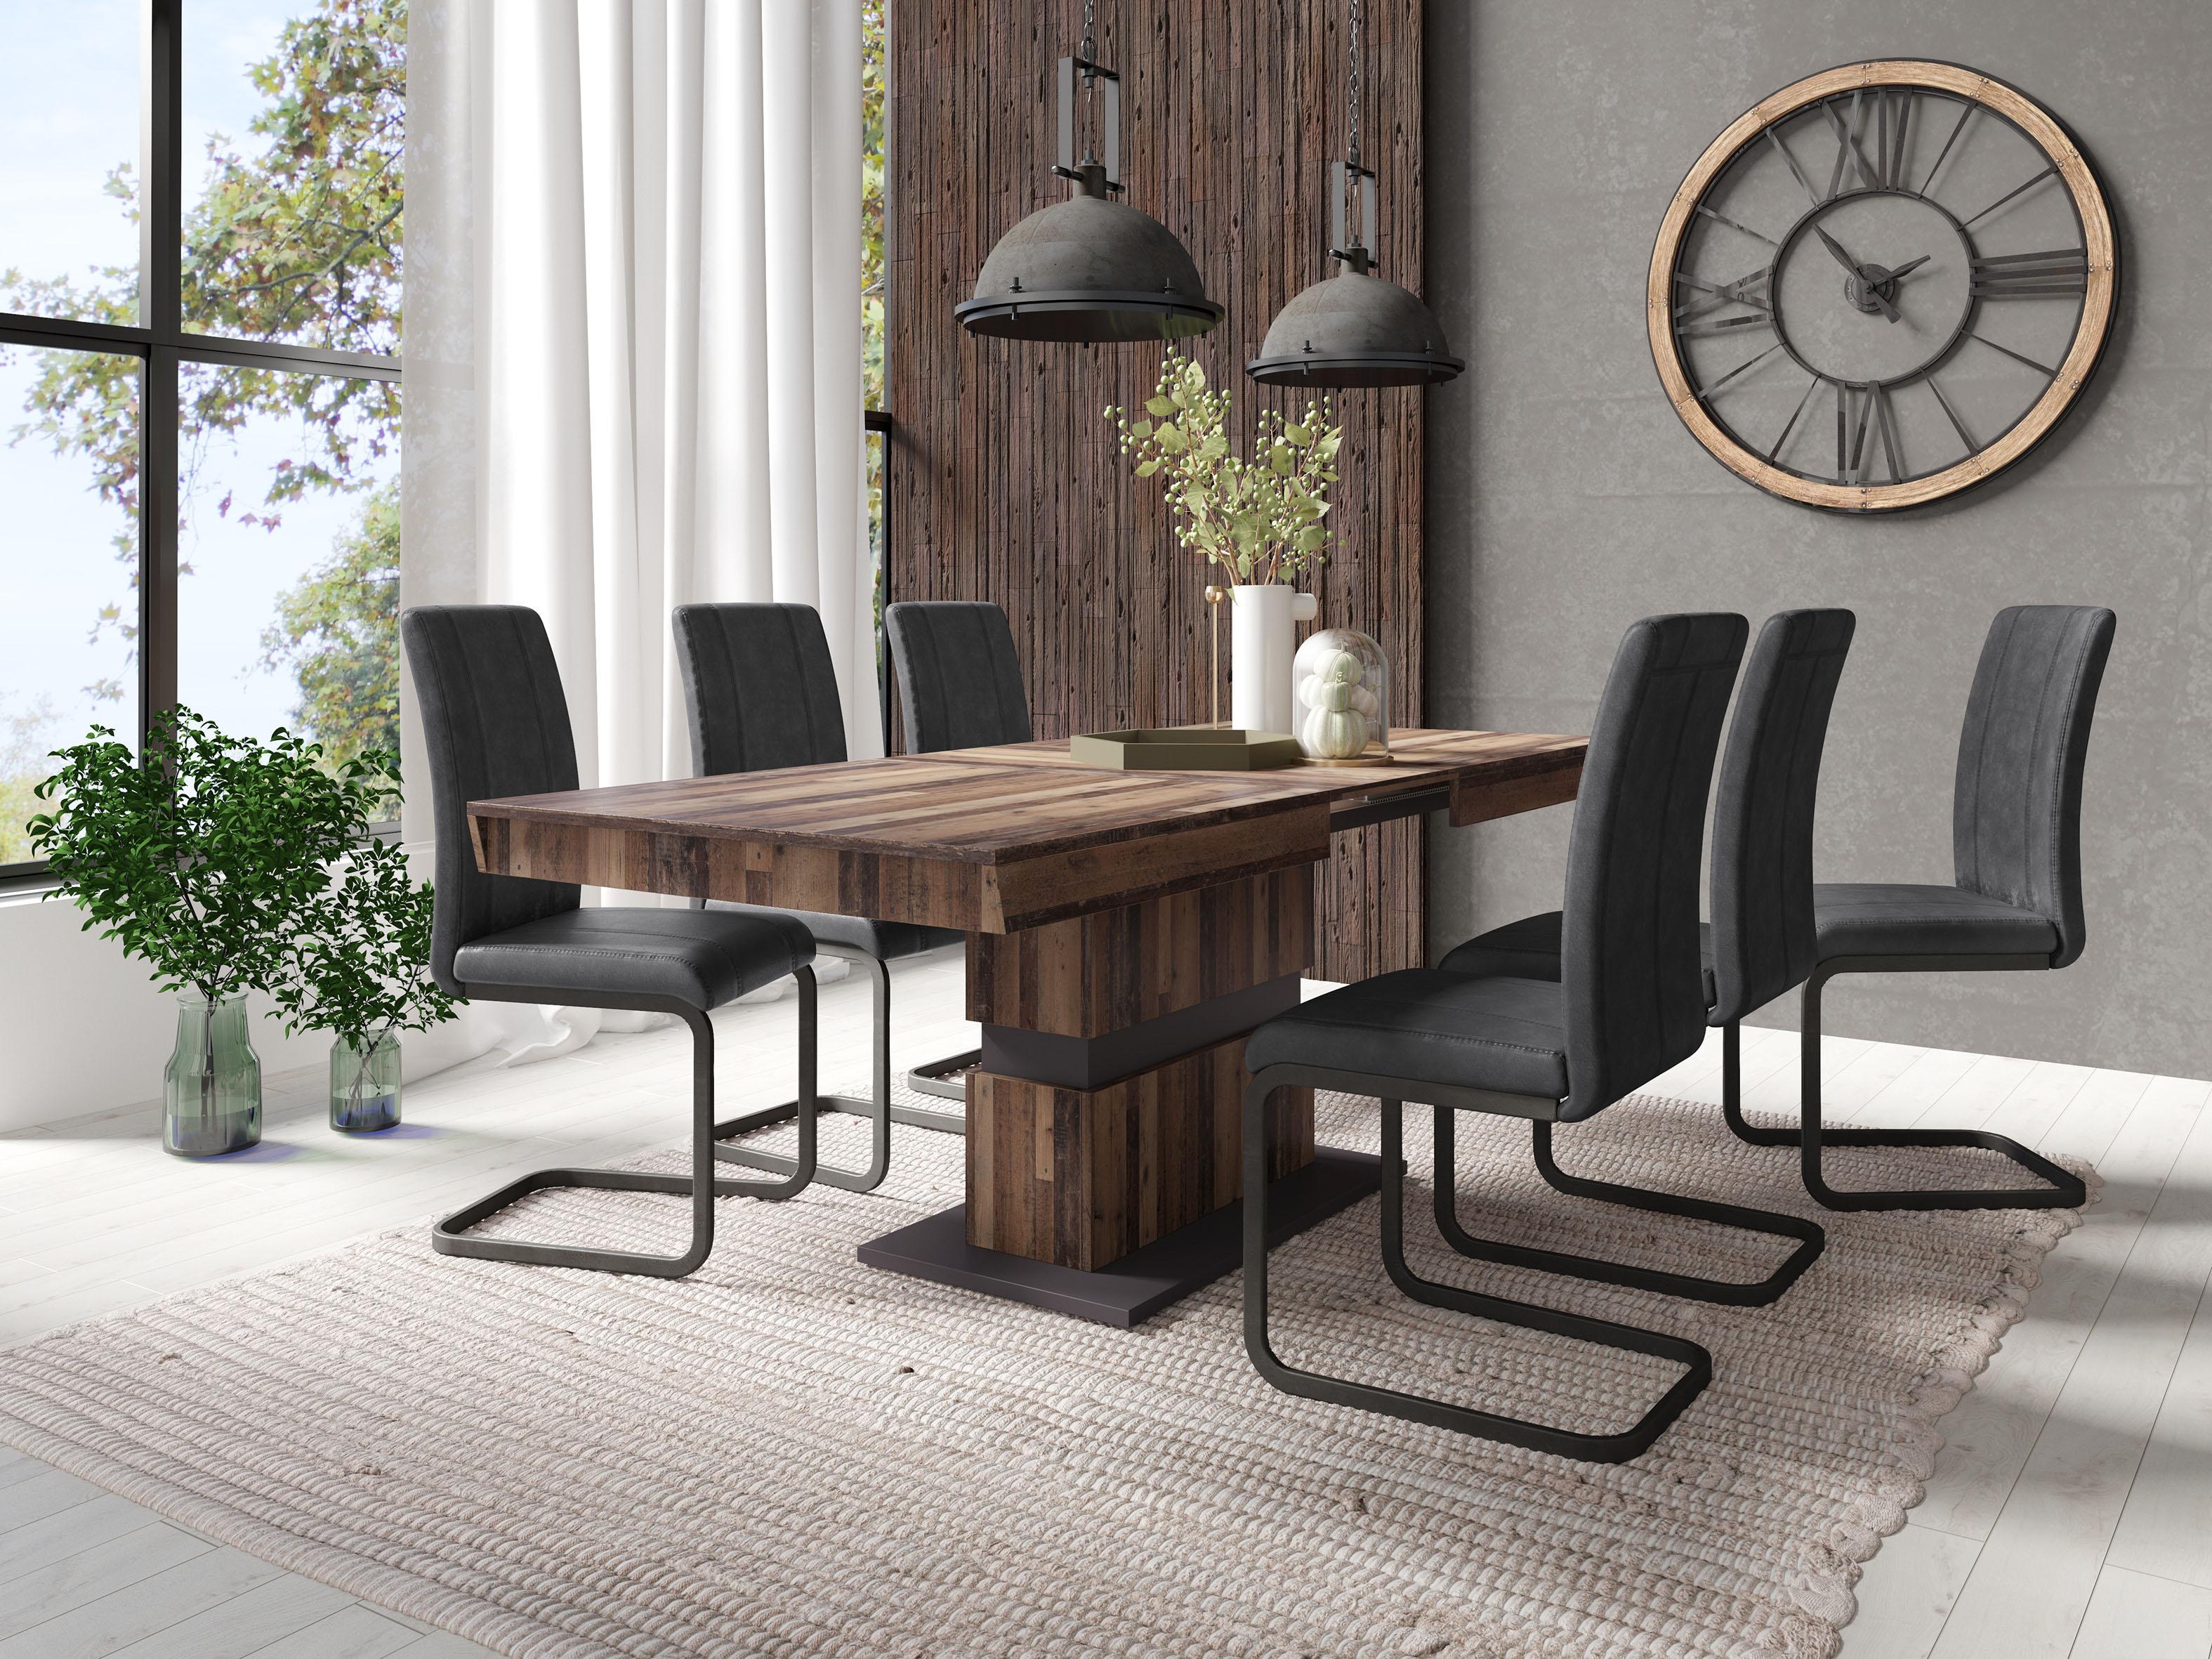 Homexperts Säulen-Esstisch Marley Az braun Esstische rechteckig Tische Tisch